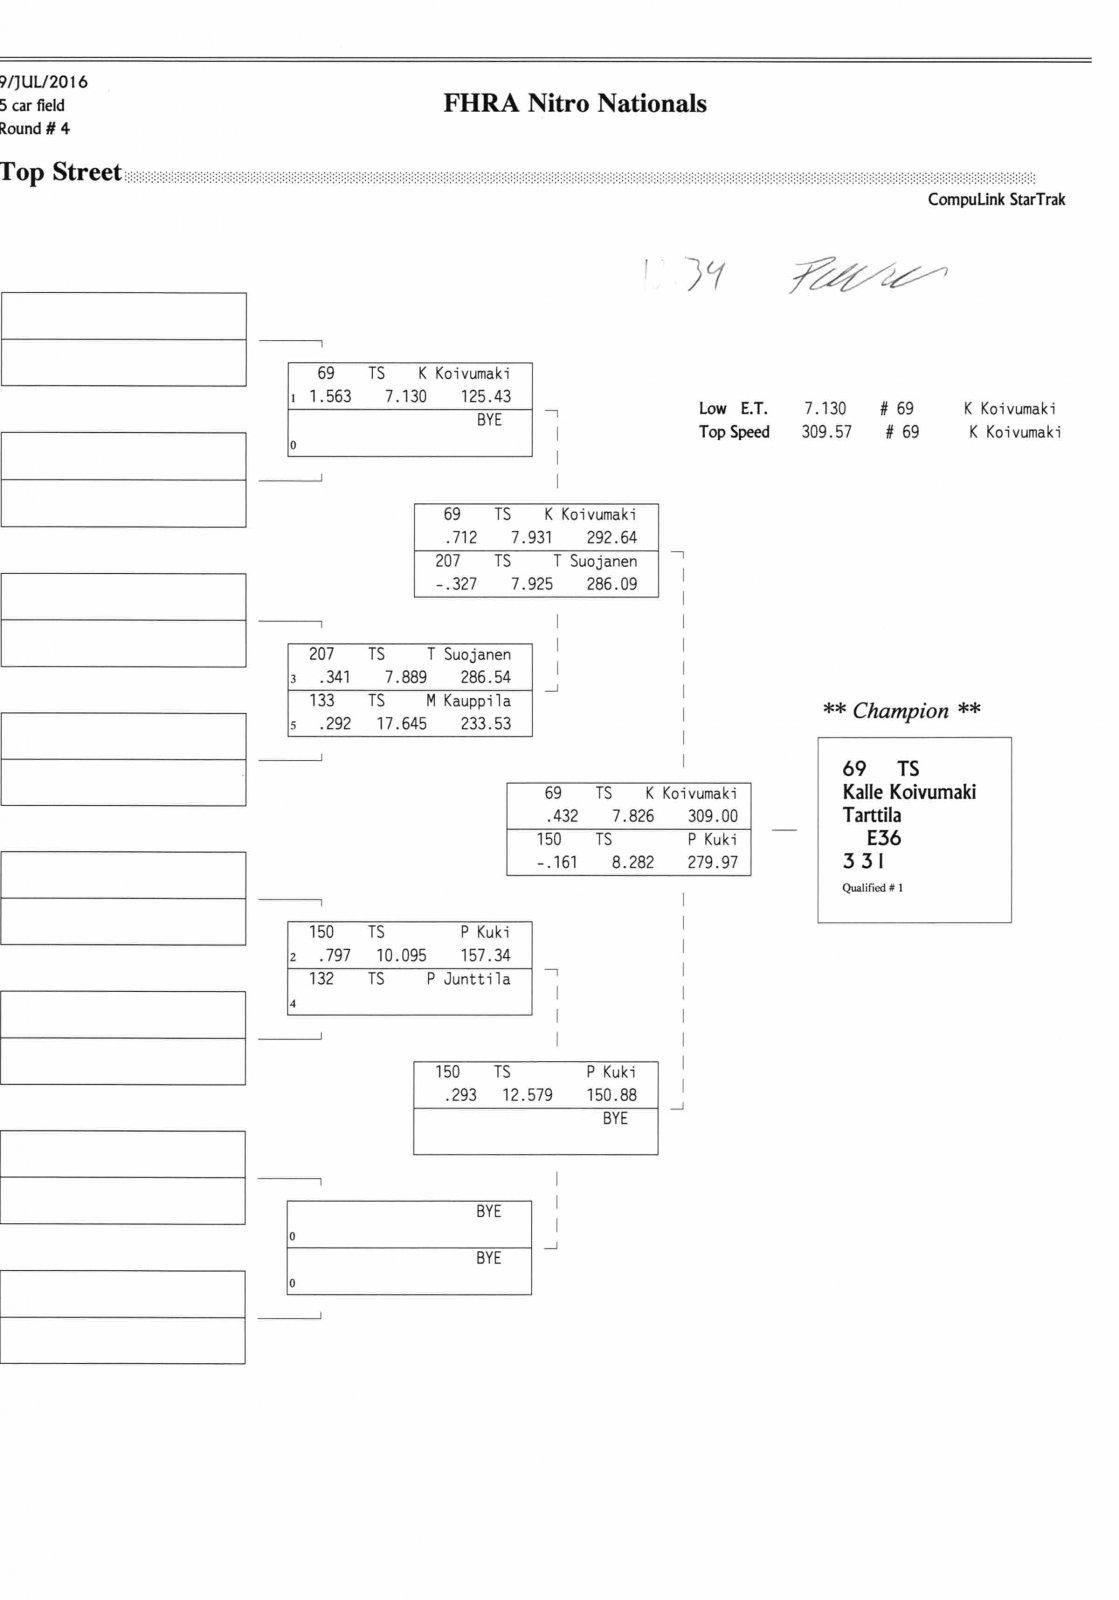 NitroNationals2016_Tulokset 016.jpg